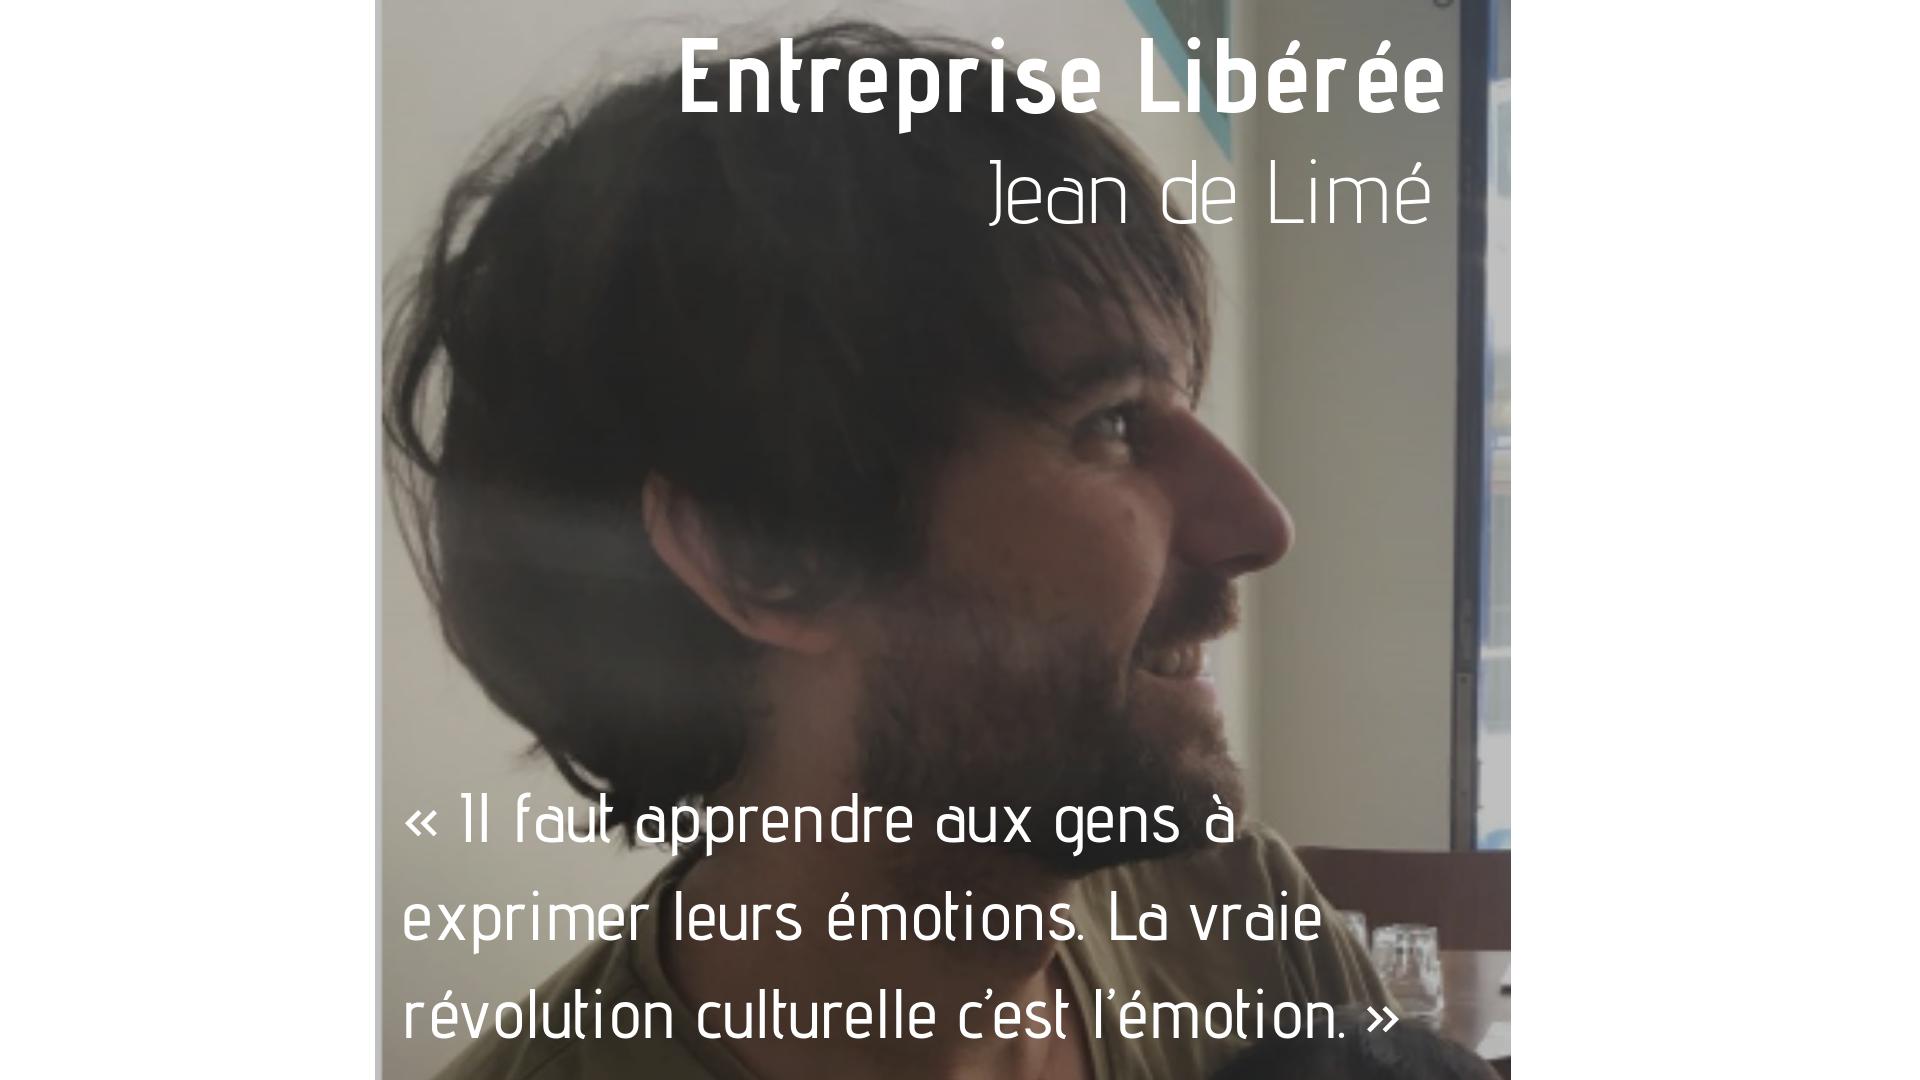 Entreprise Libérée : Jean de Limé